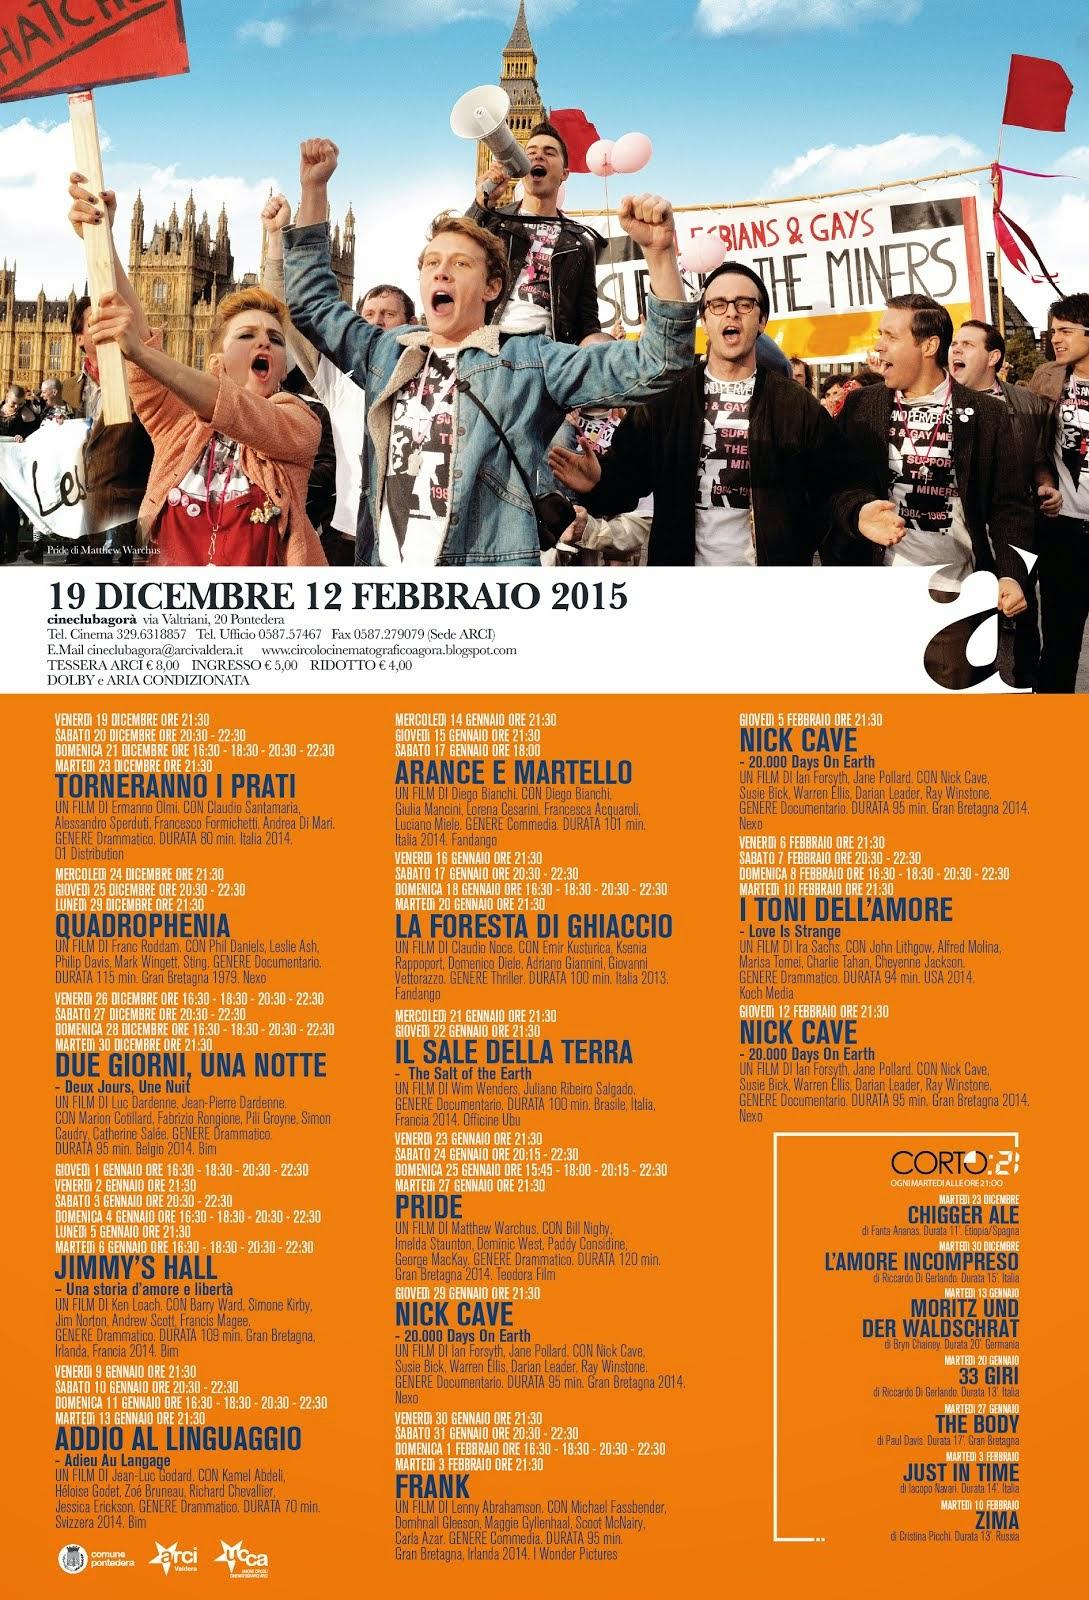 Programma dal 19 dicembre al 12 febbraio 2015